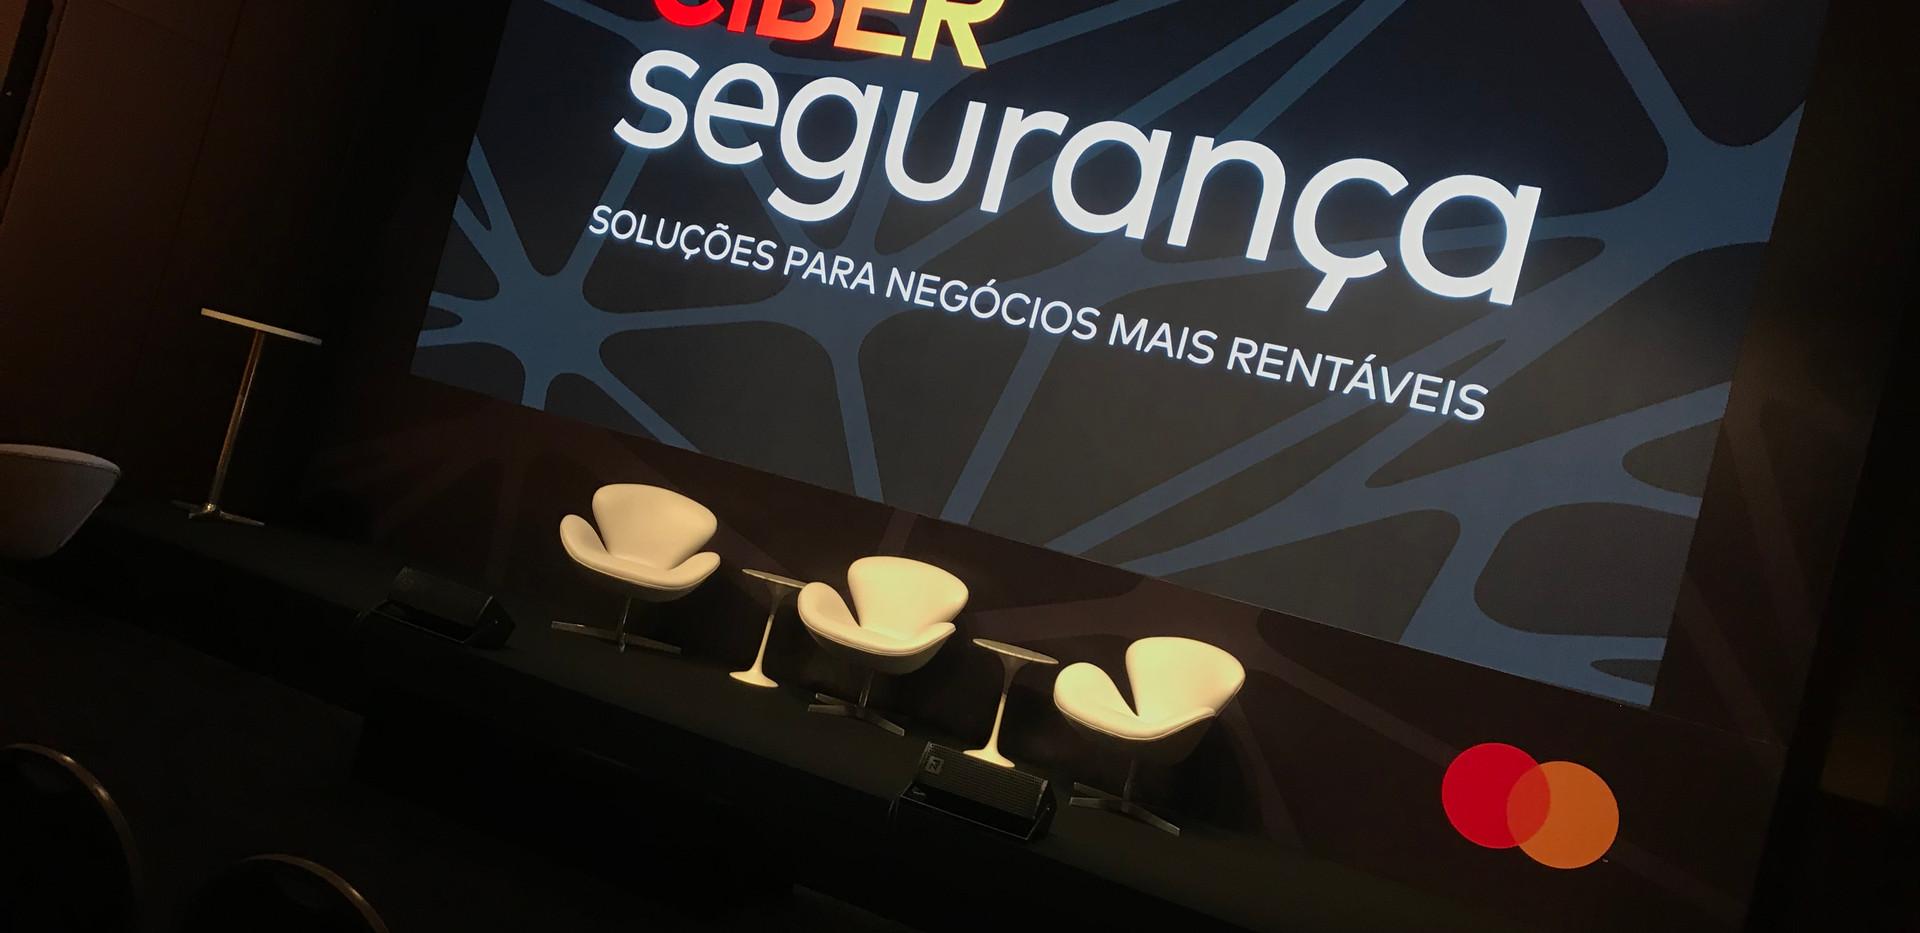 Ciber_Seguranca_WTC